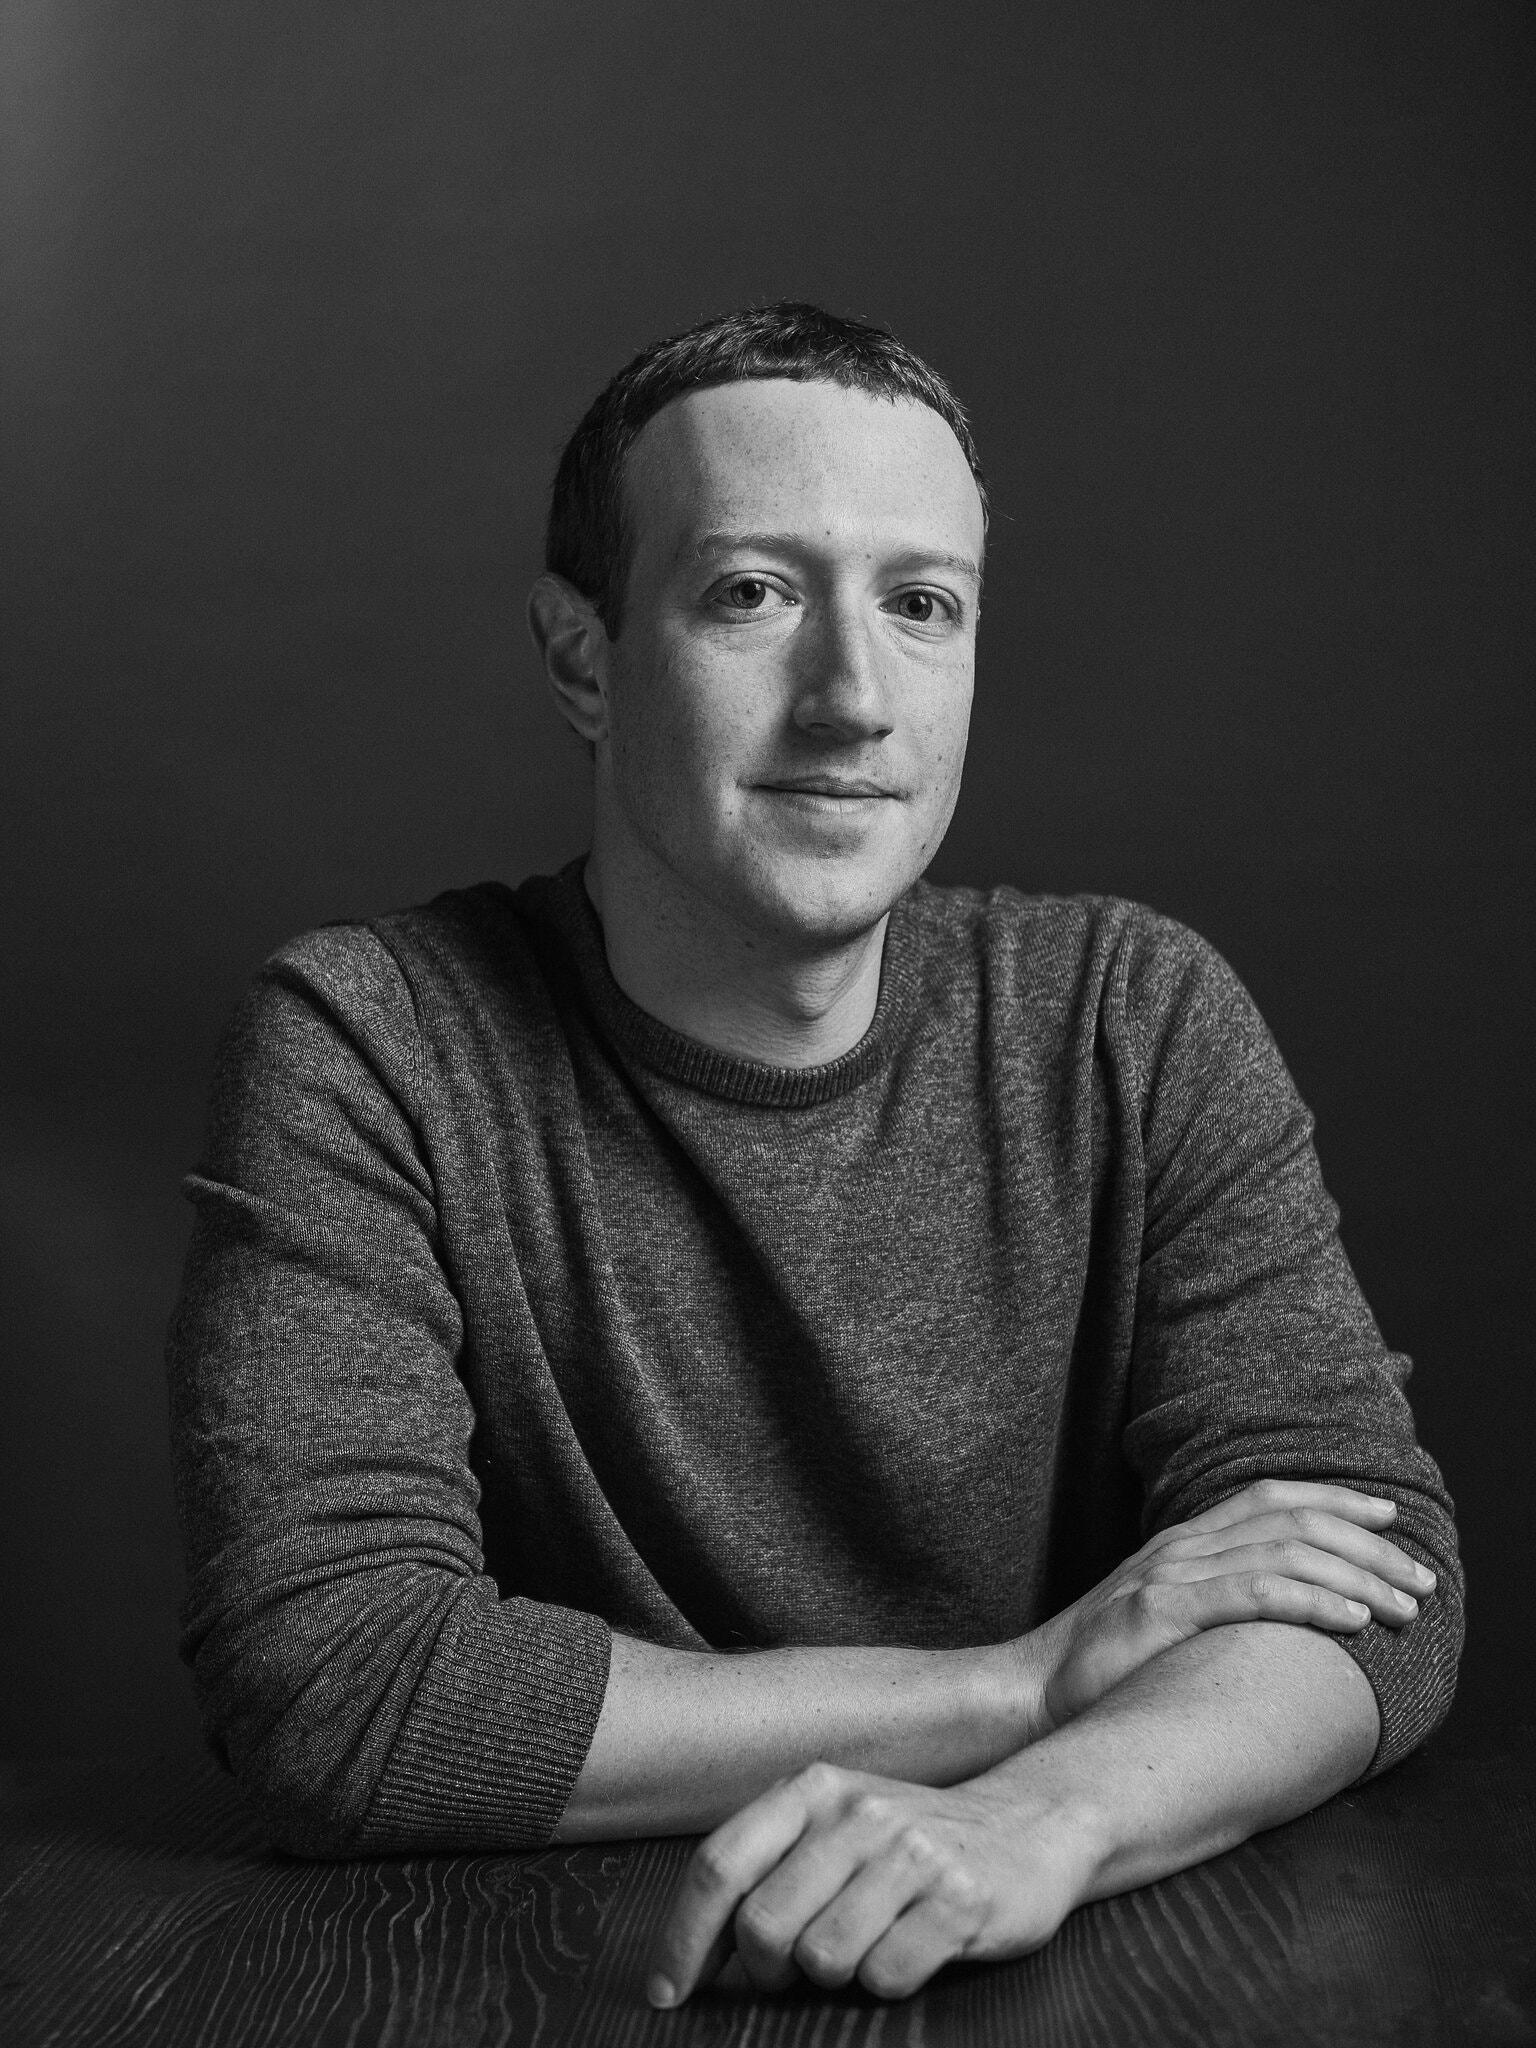 Công ty âm thầm 'dọn rác' trên Facebook với hợp đồng  nửa tỷ USD mỗi năm - Ảnh 2.